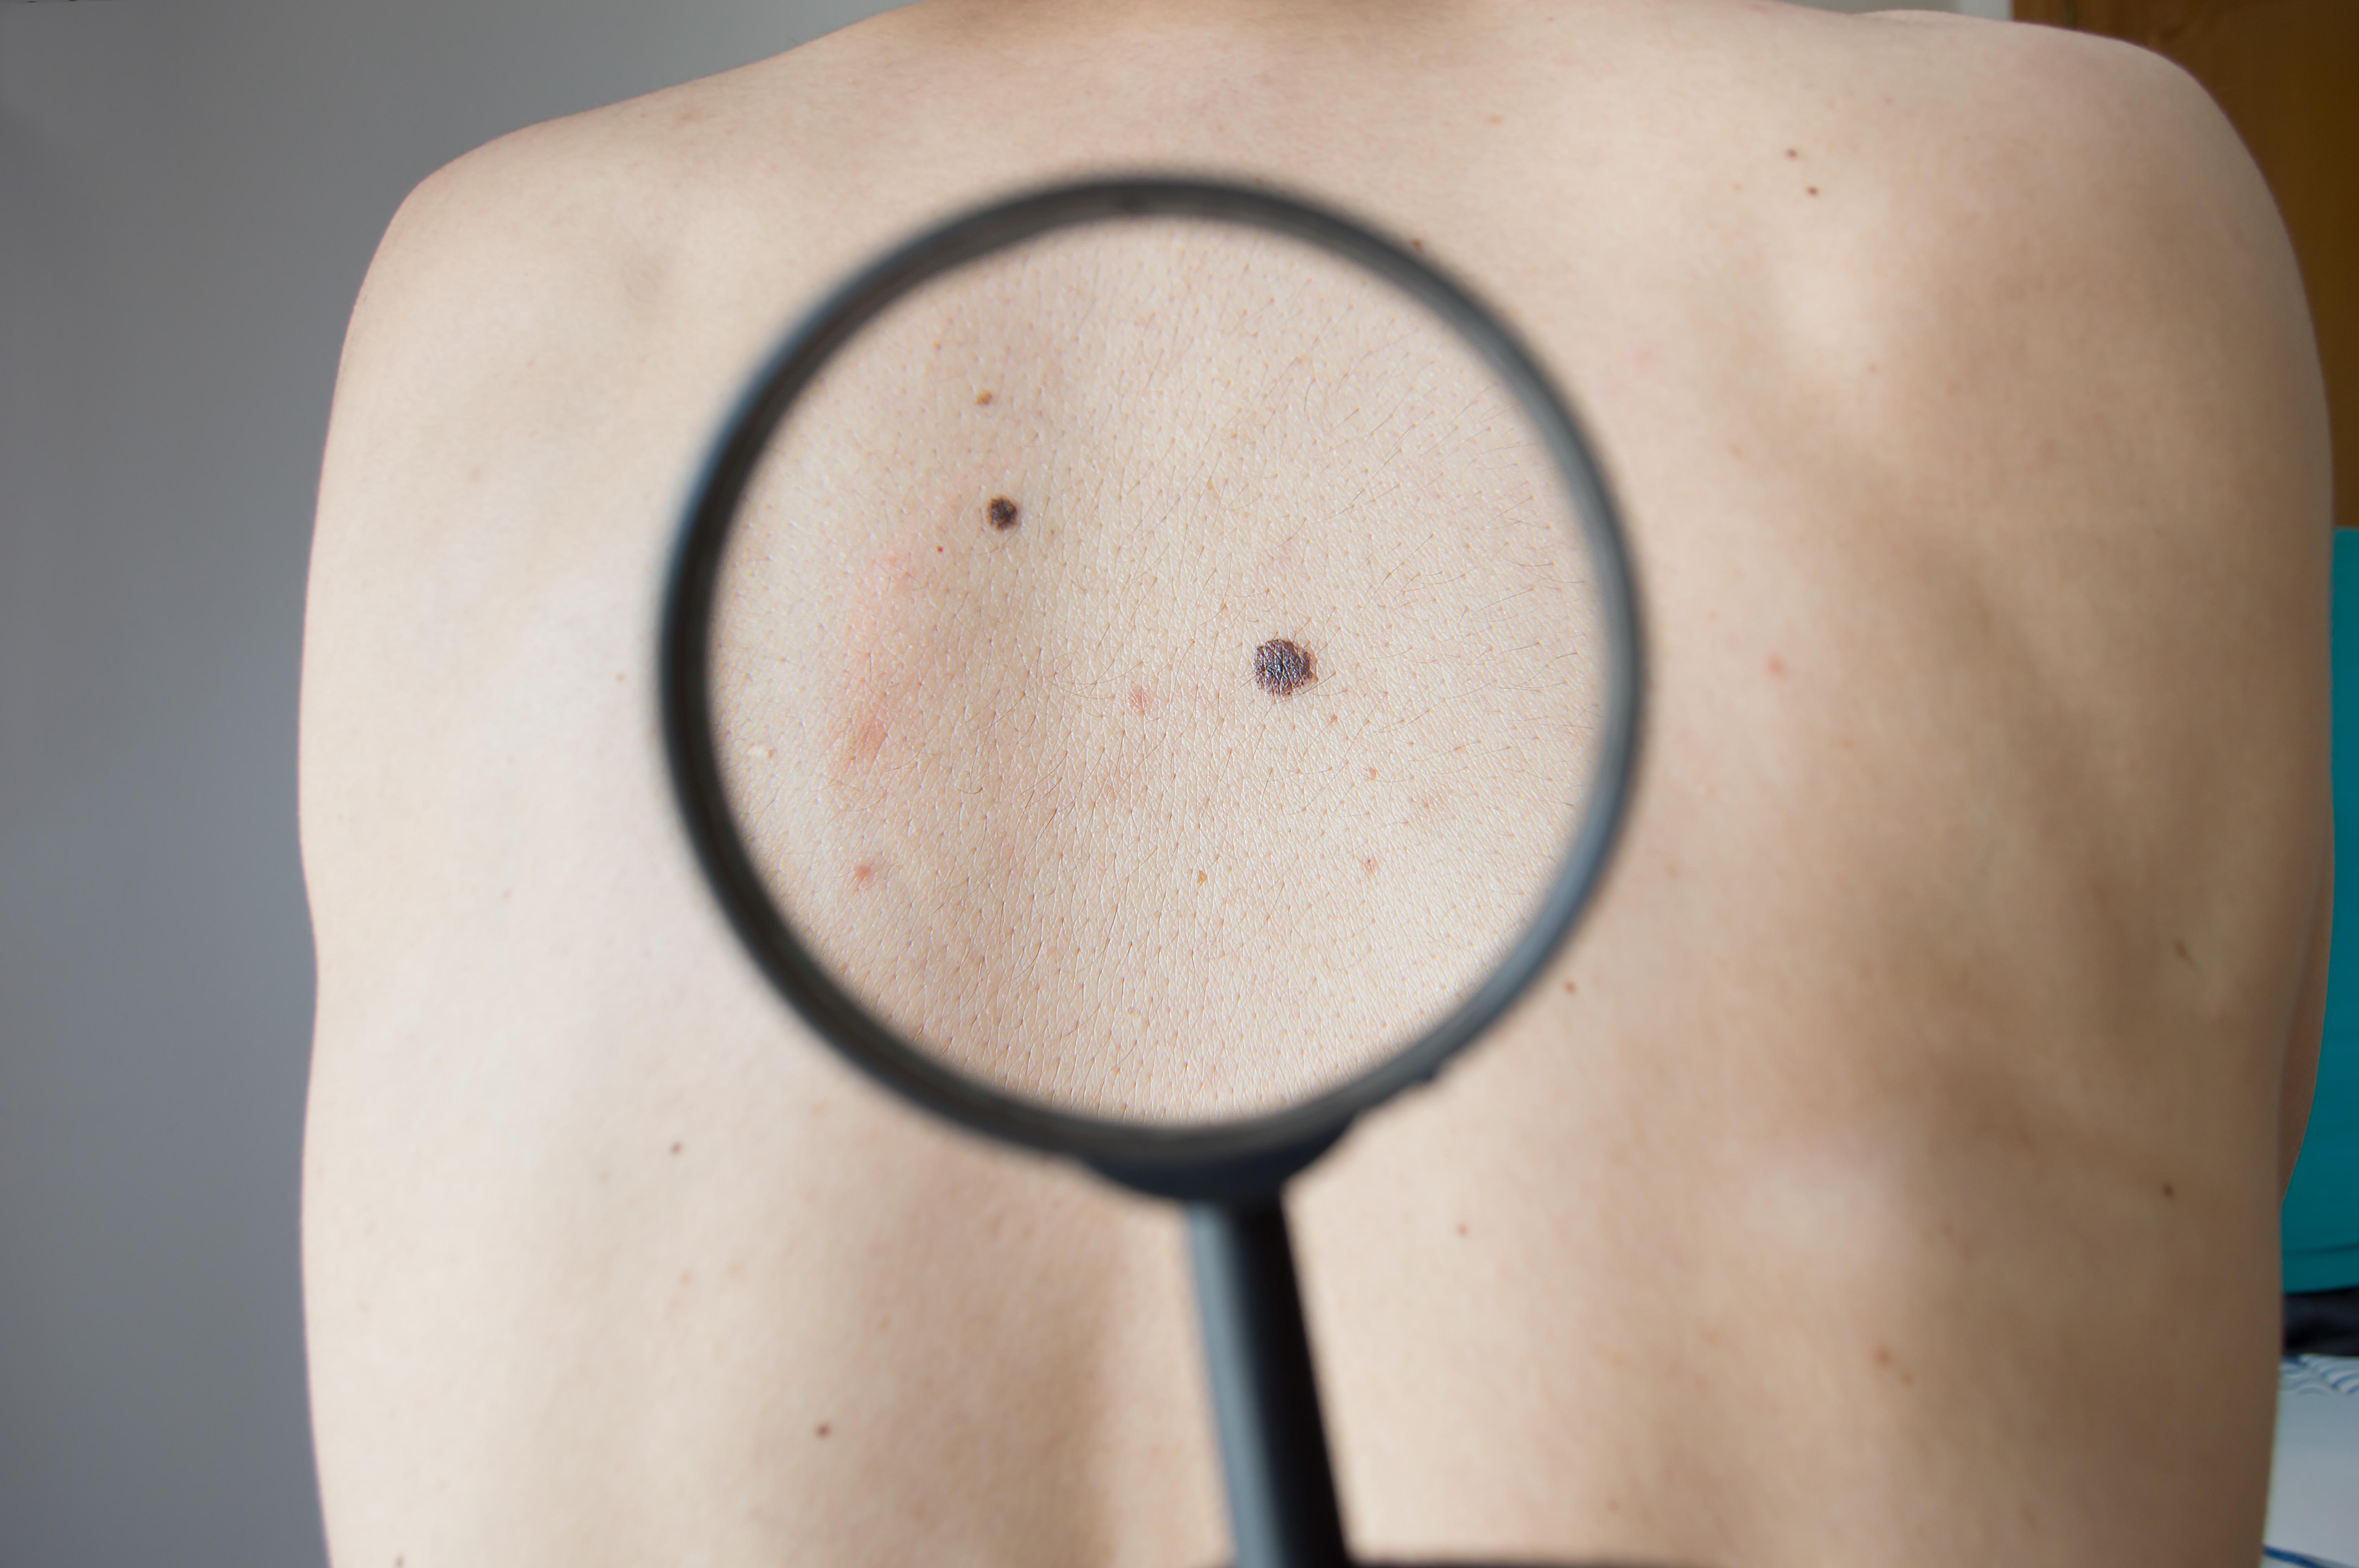 Hudtumörer är idag den näst vanligaste maligna cancerformen i Sverige för bägge könen och det fortsätter att öka.